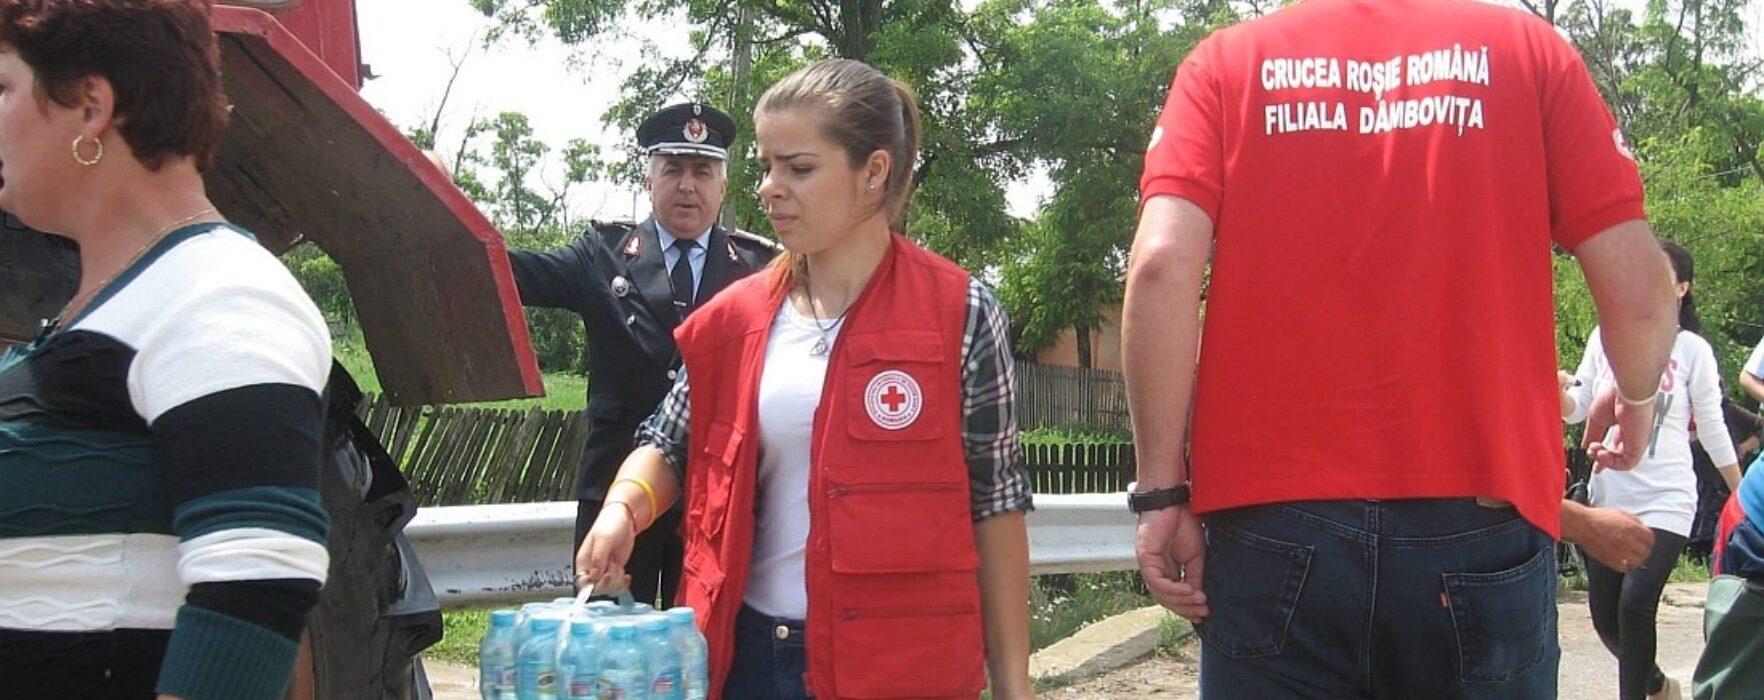 Apă şi pături, distribuite de Crucea Roşie la Răscăieţi şi Vlădeni